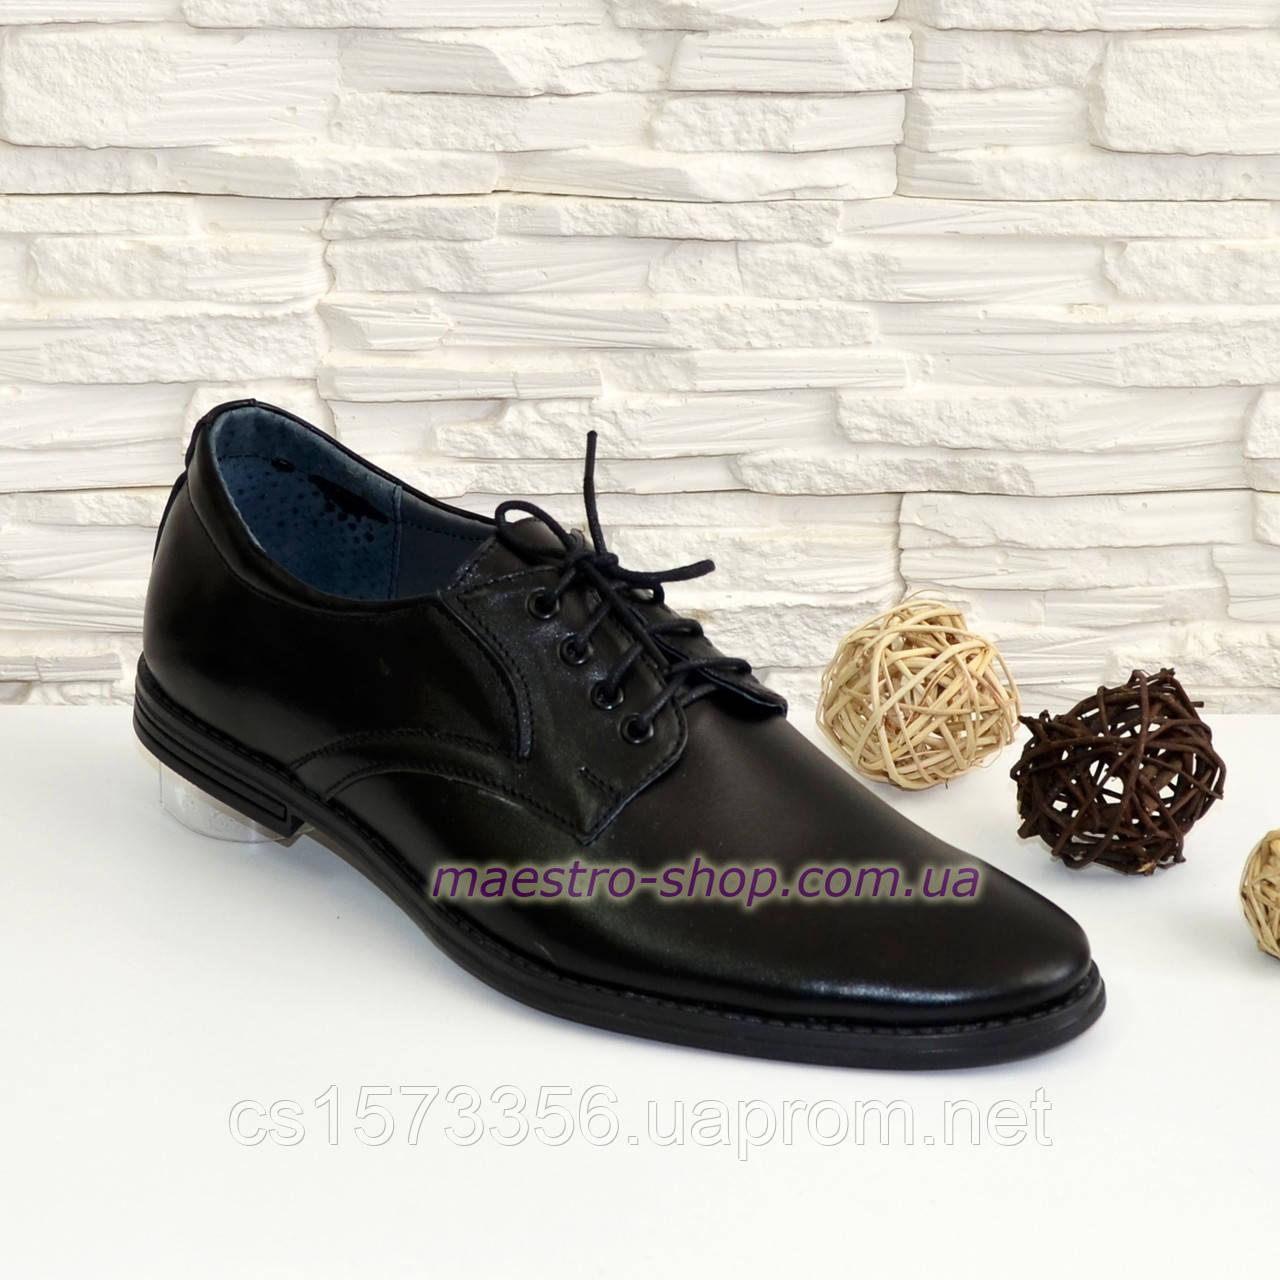 Мужские классические туфли от производителя